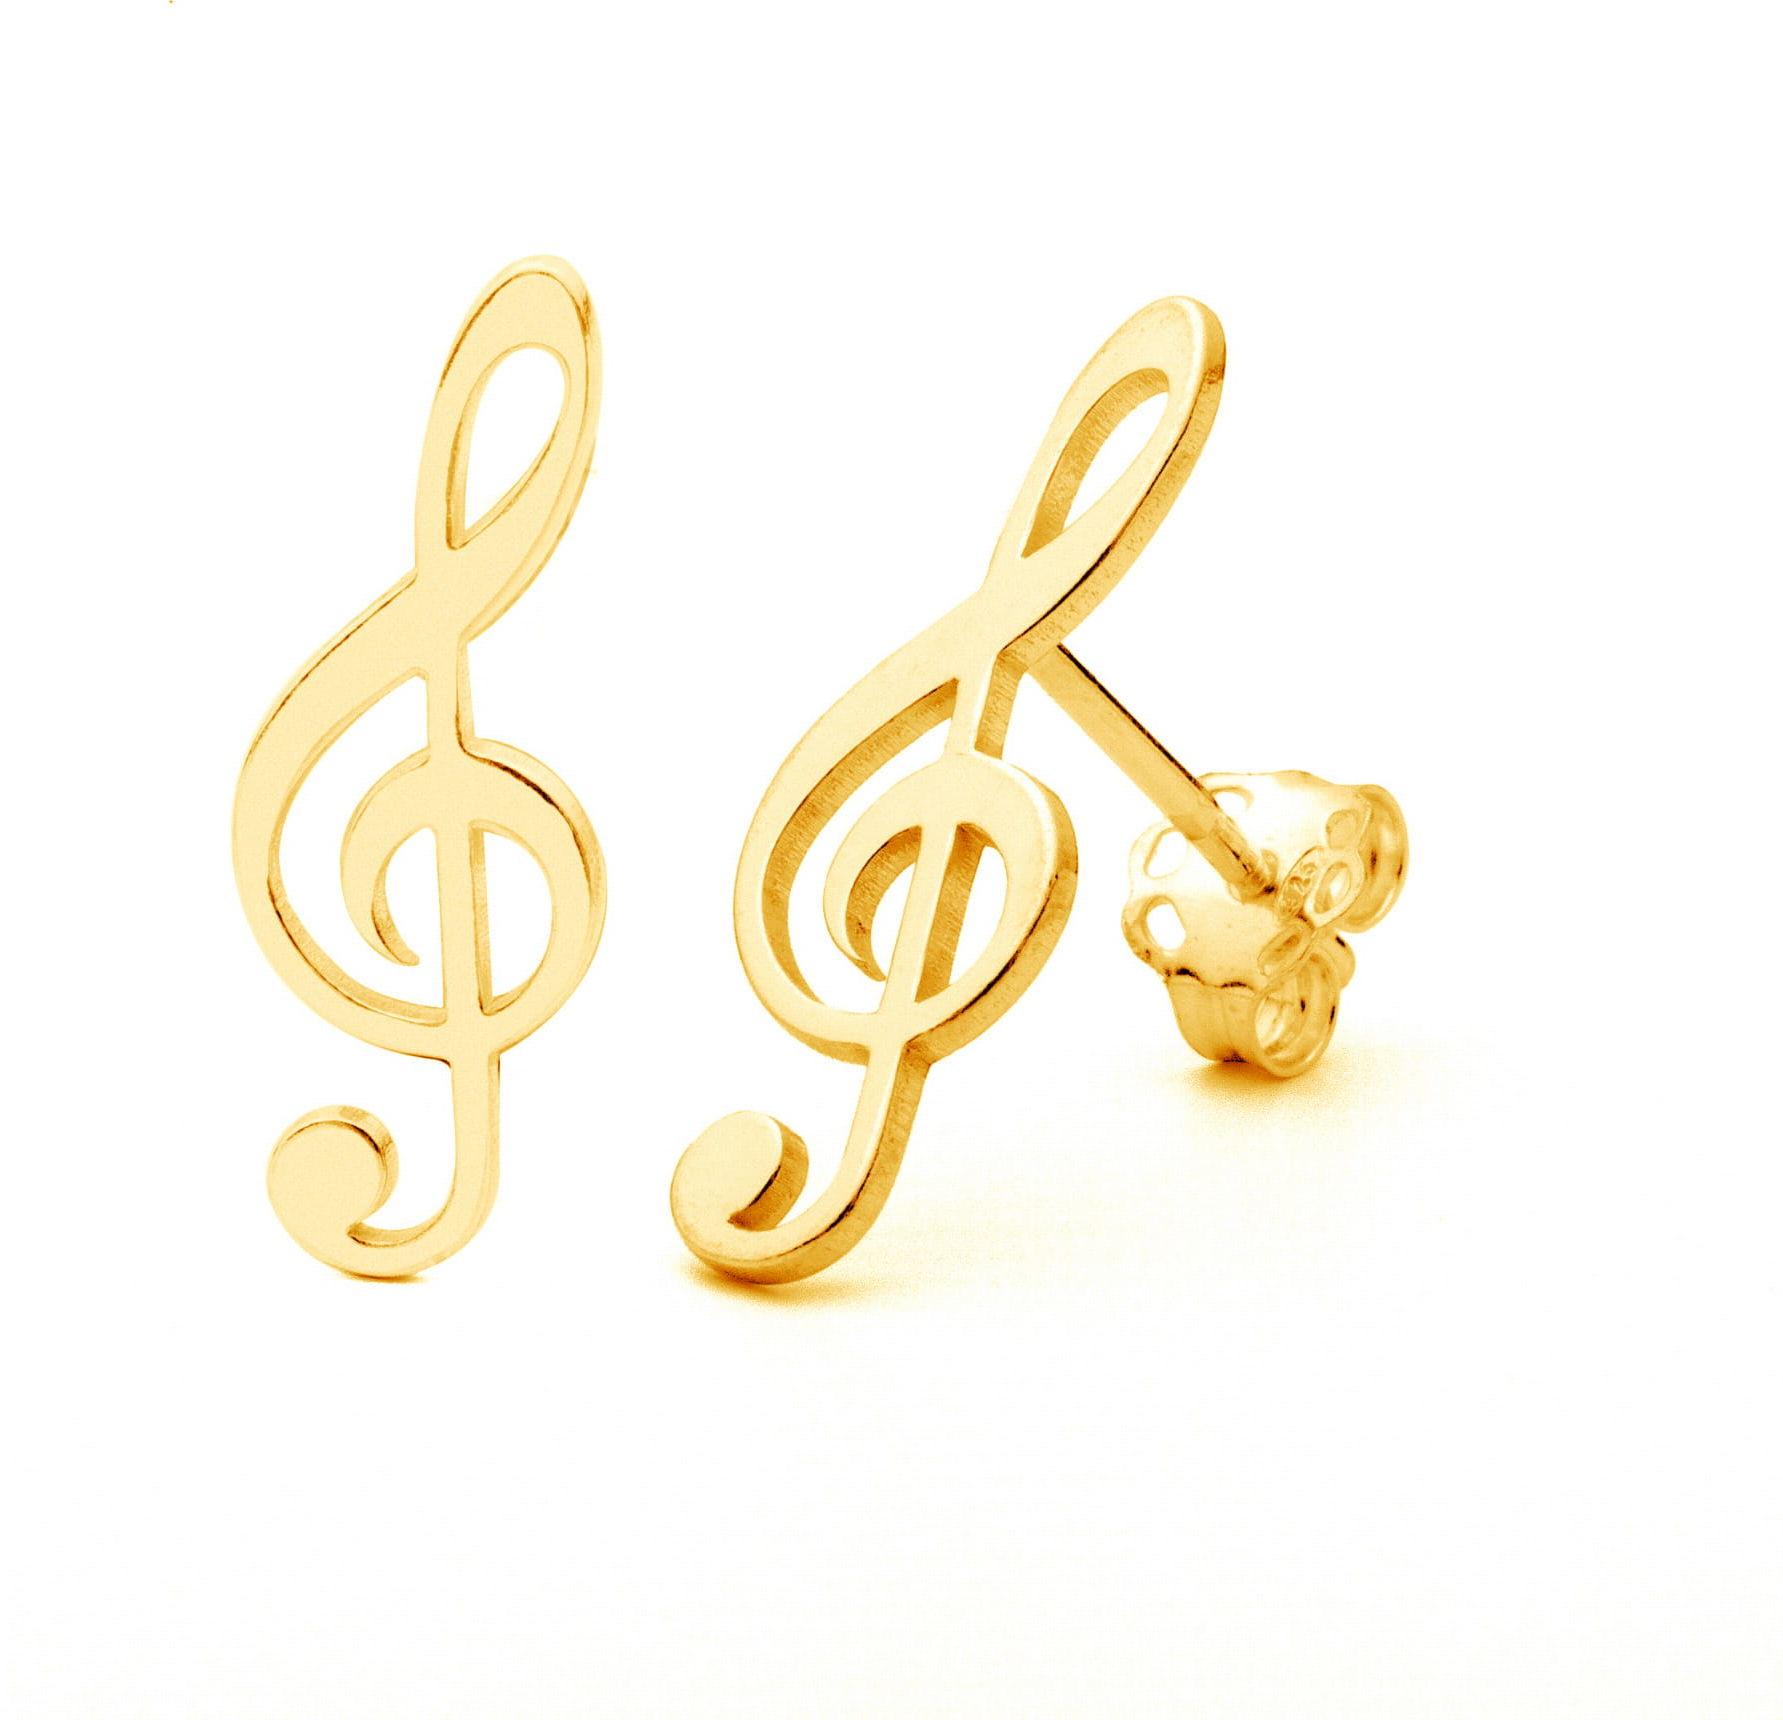 Kolczyki piny klucz wiolinowy